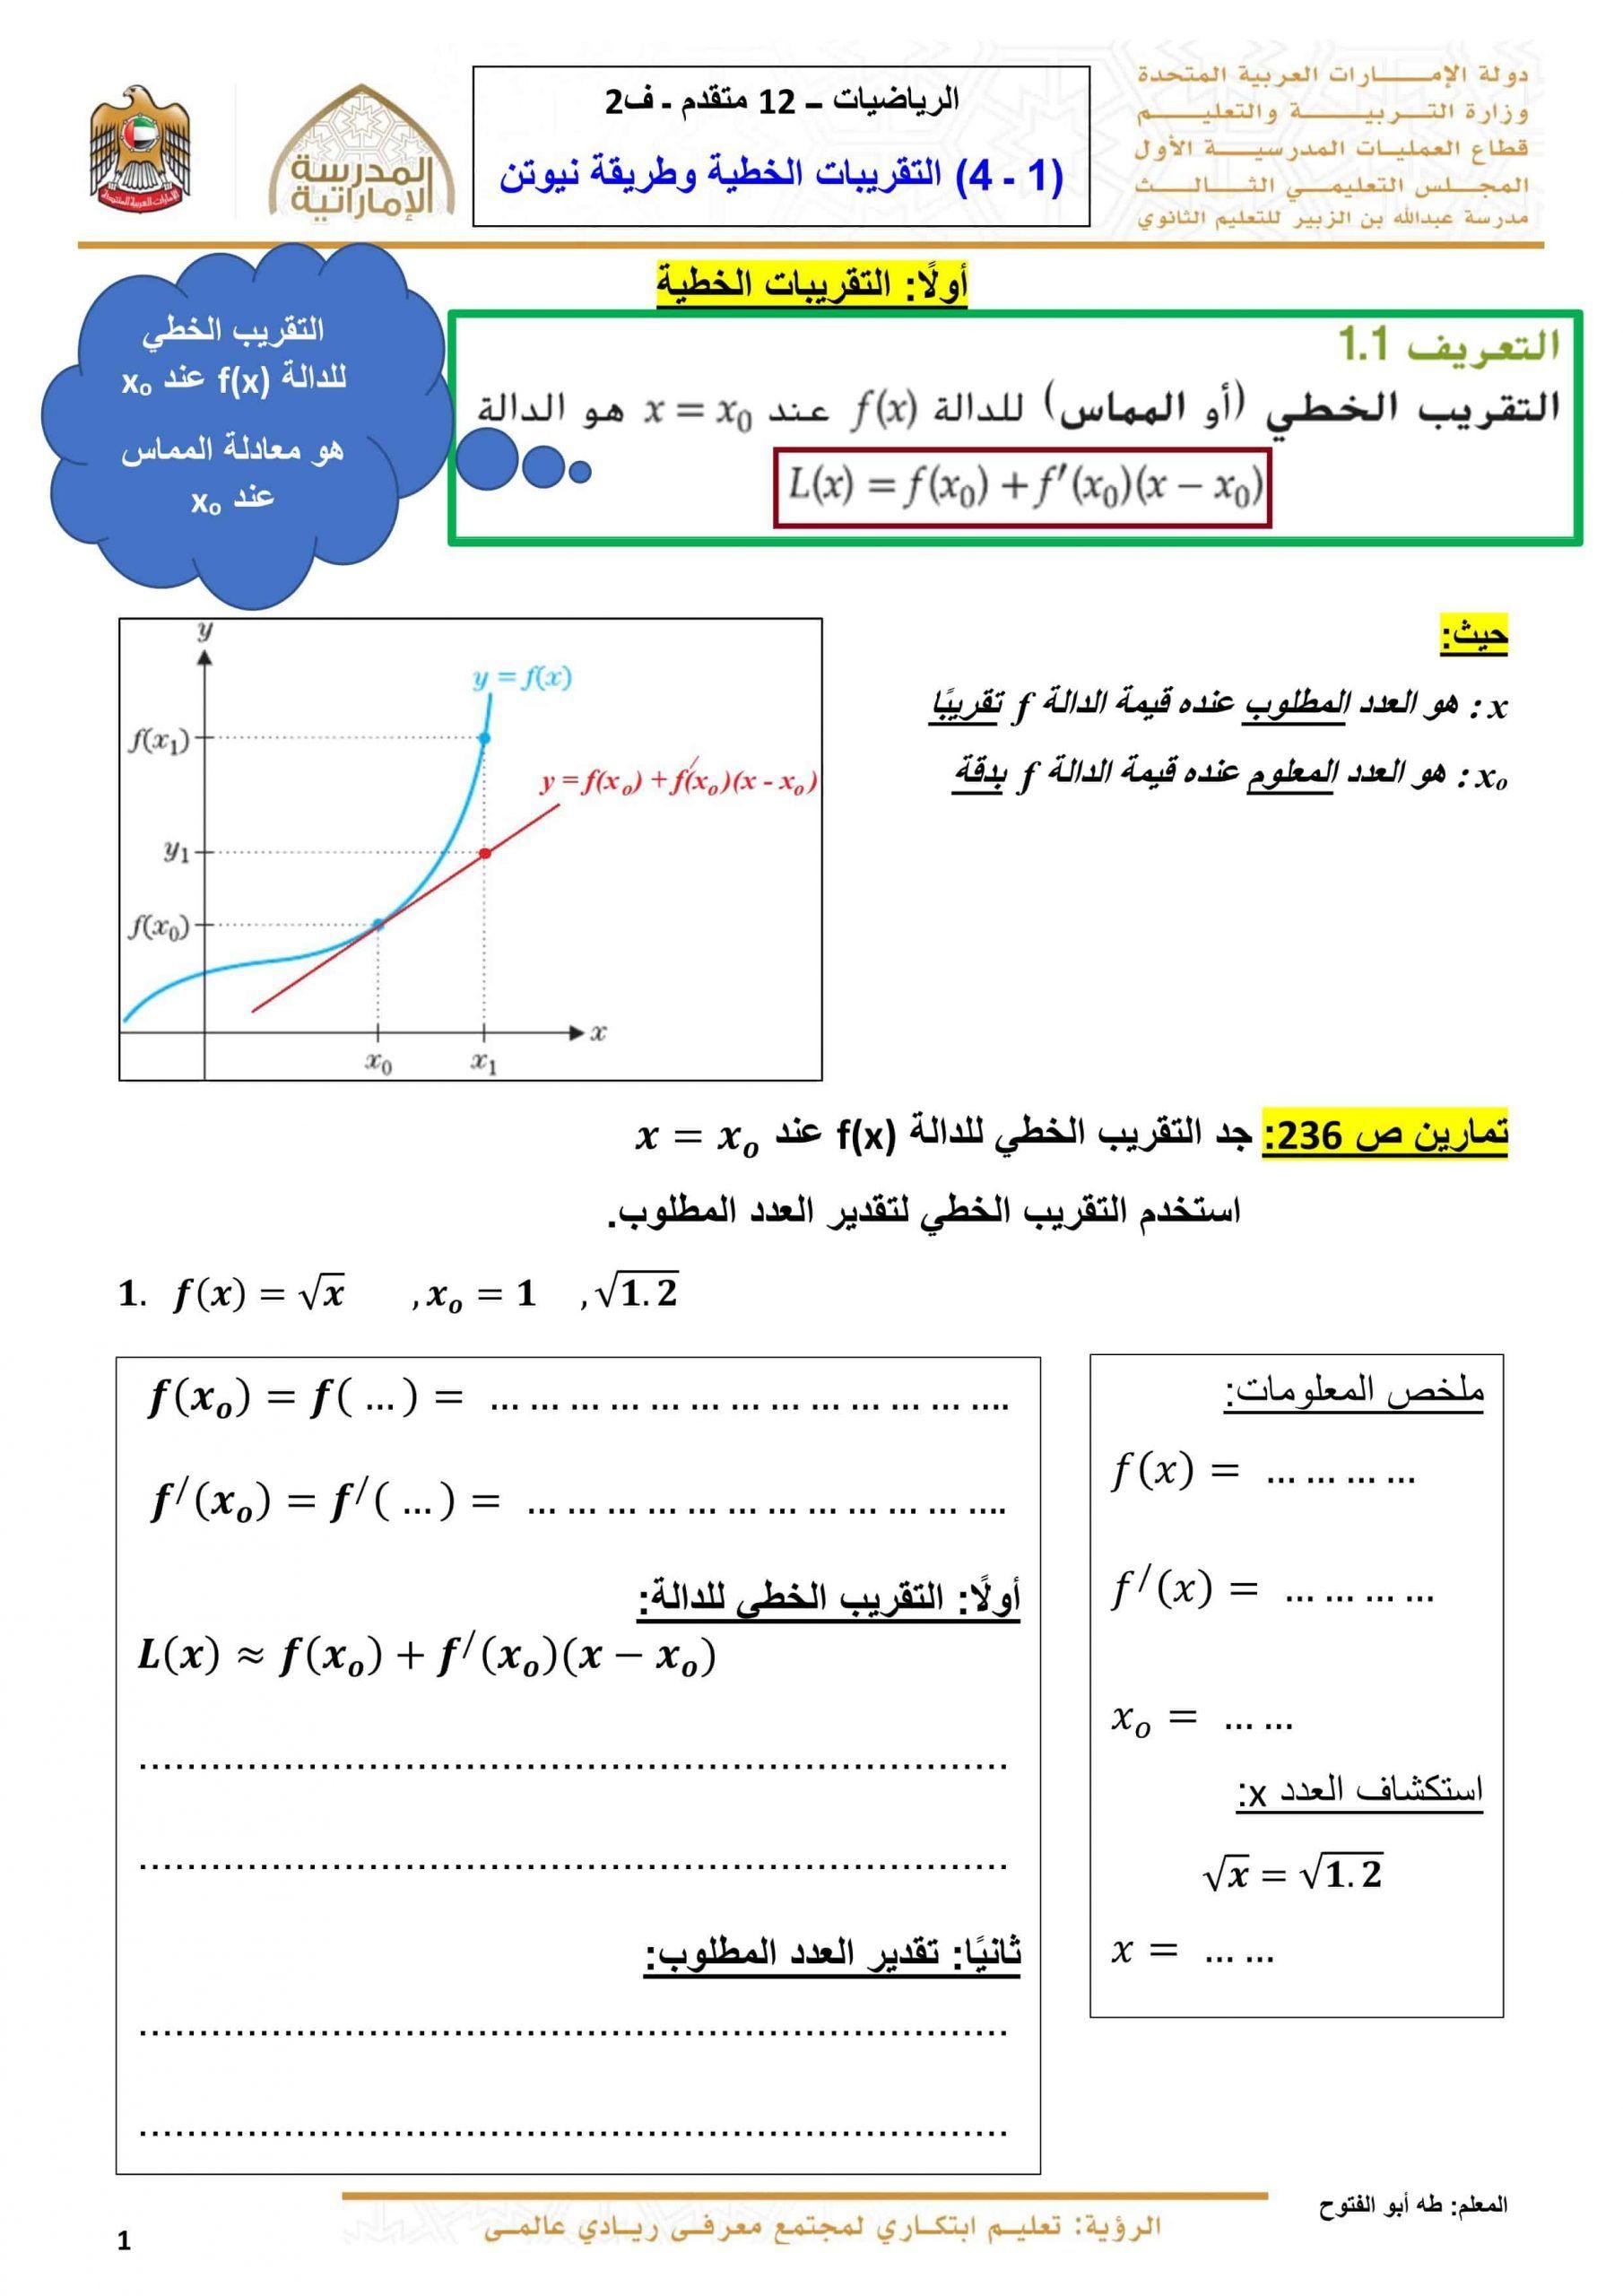 أوراق عمل التقريبات الخطية وطريقة نيوتن الصف الثاني عشر متقدم مادة الرياضيات المتكاملة In 2021 Losi Lsu Map